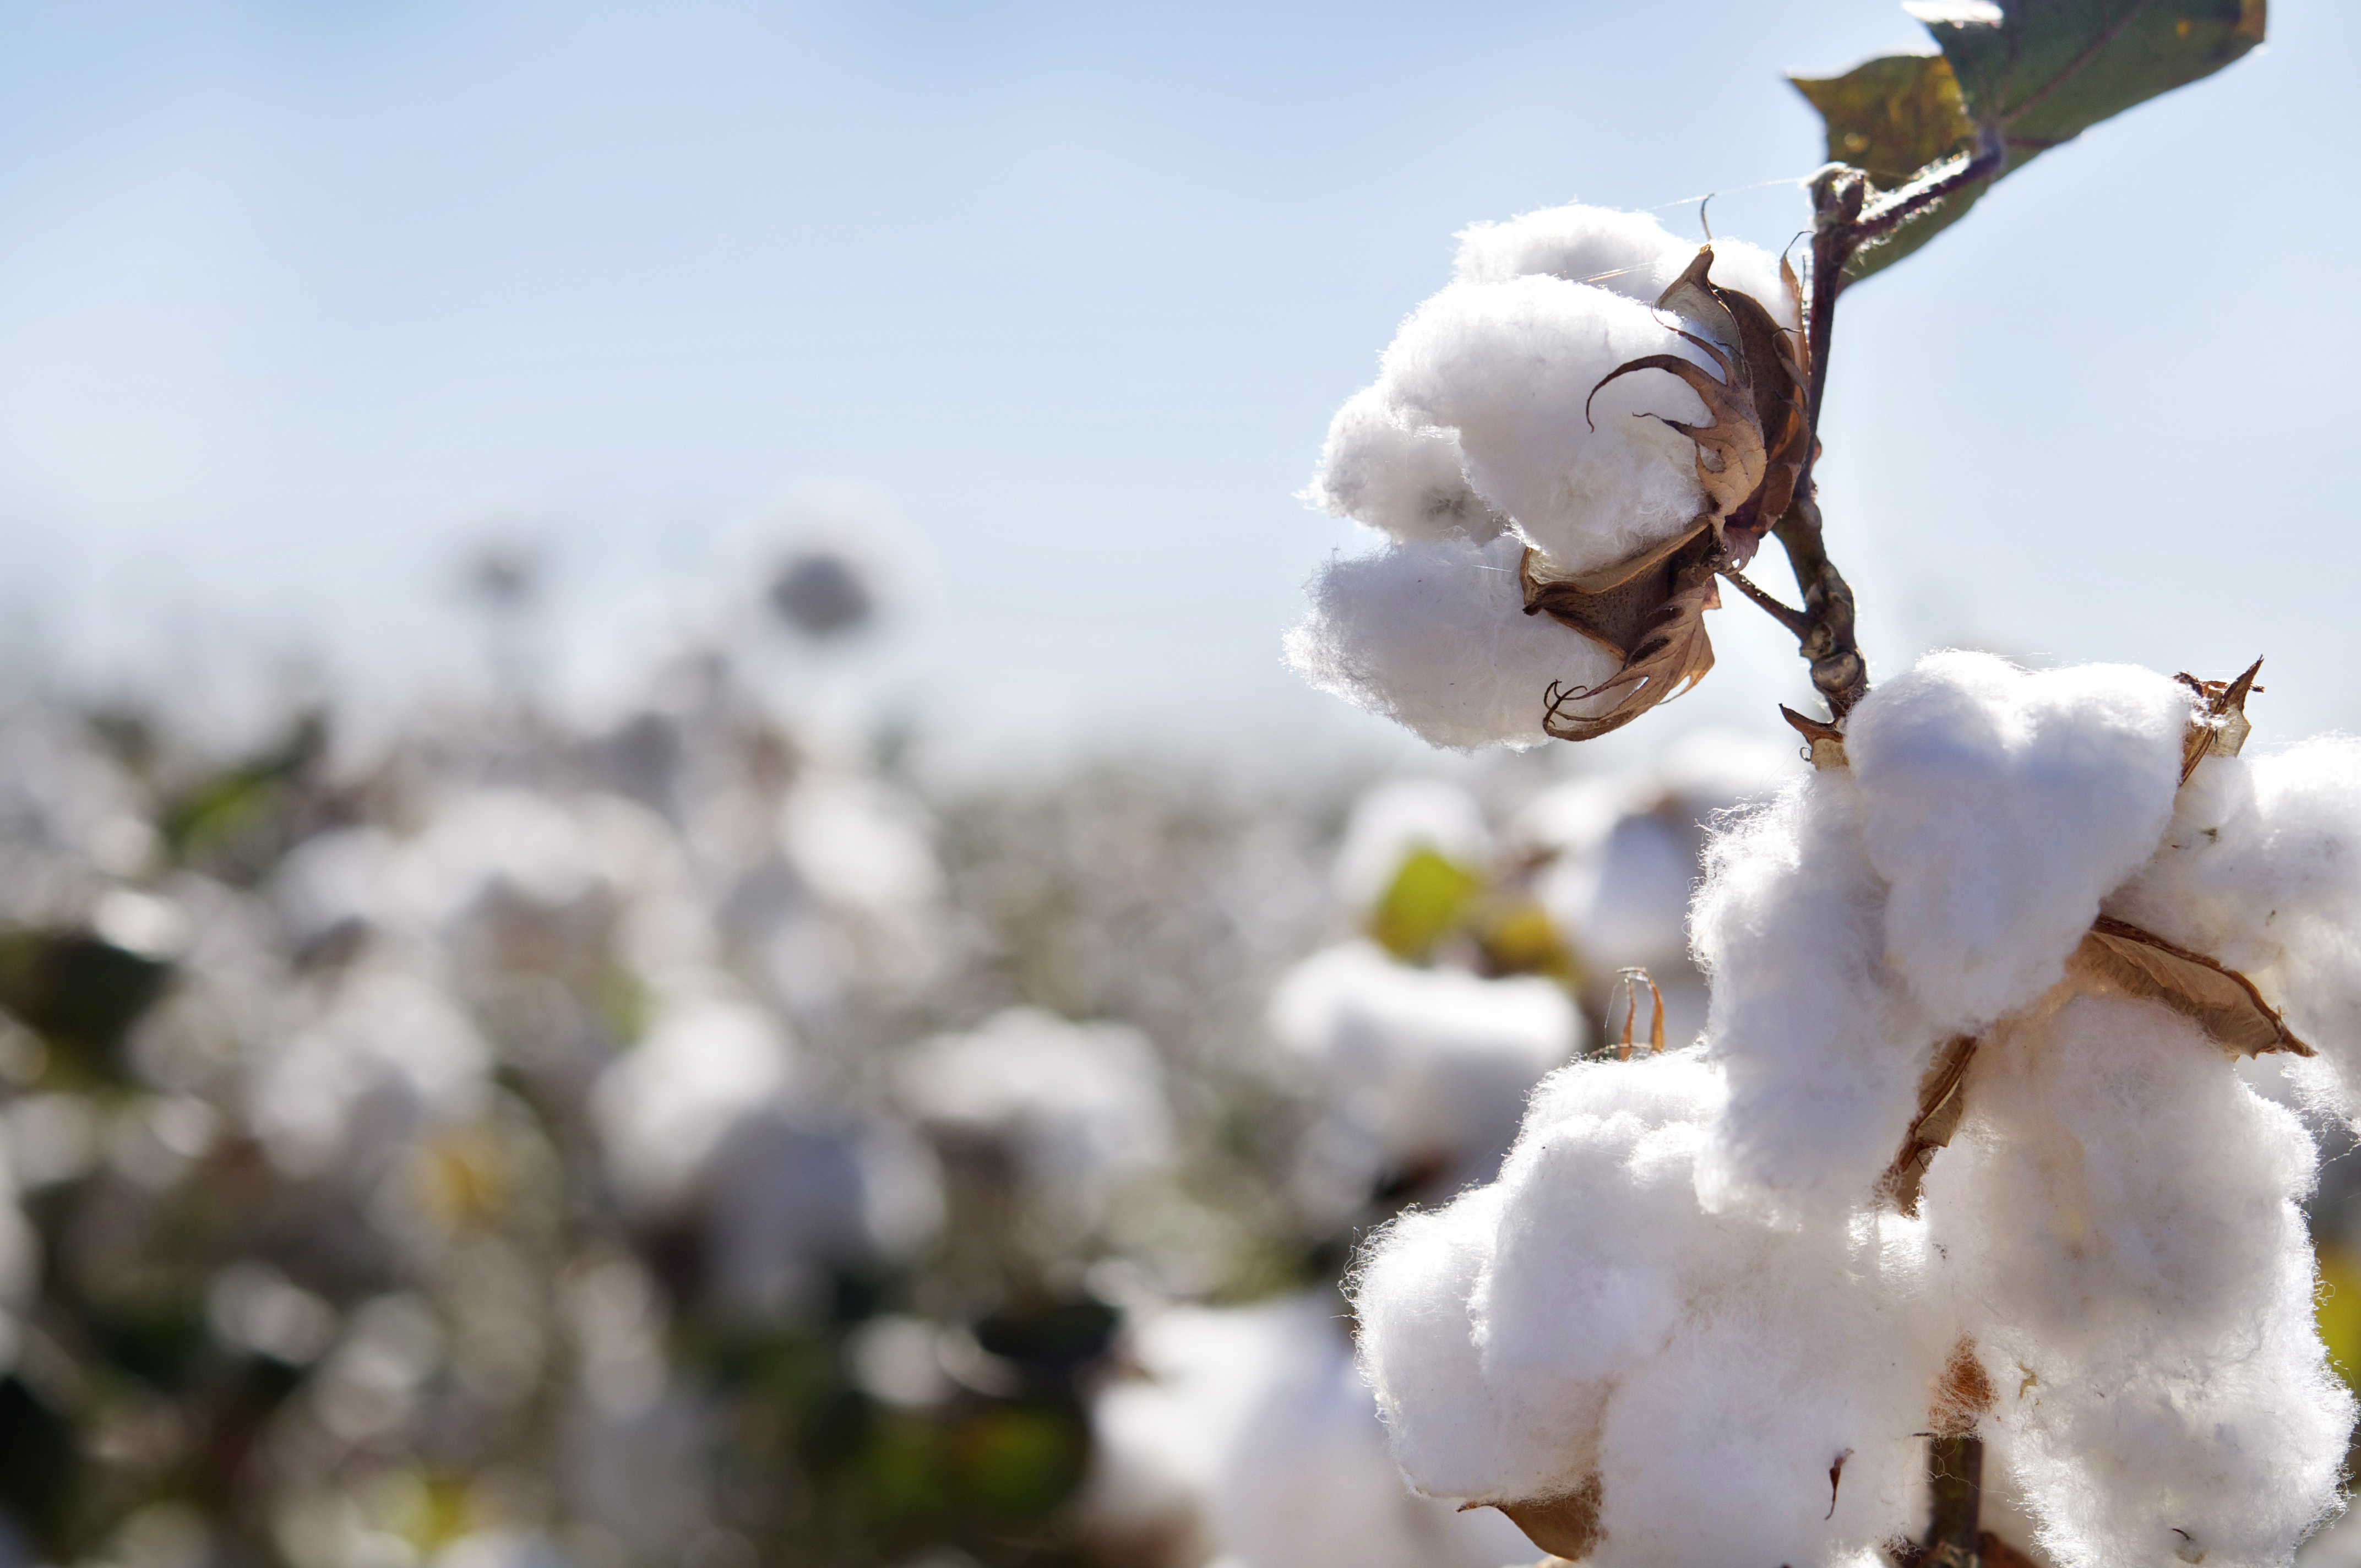 Türkiye İçin 150 Milyar ABD Dolarlık Tarım Ekonomisi Hayal Değil